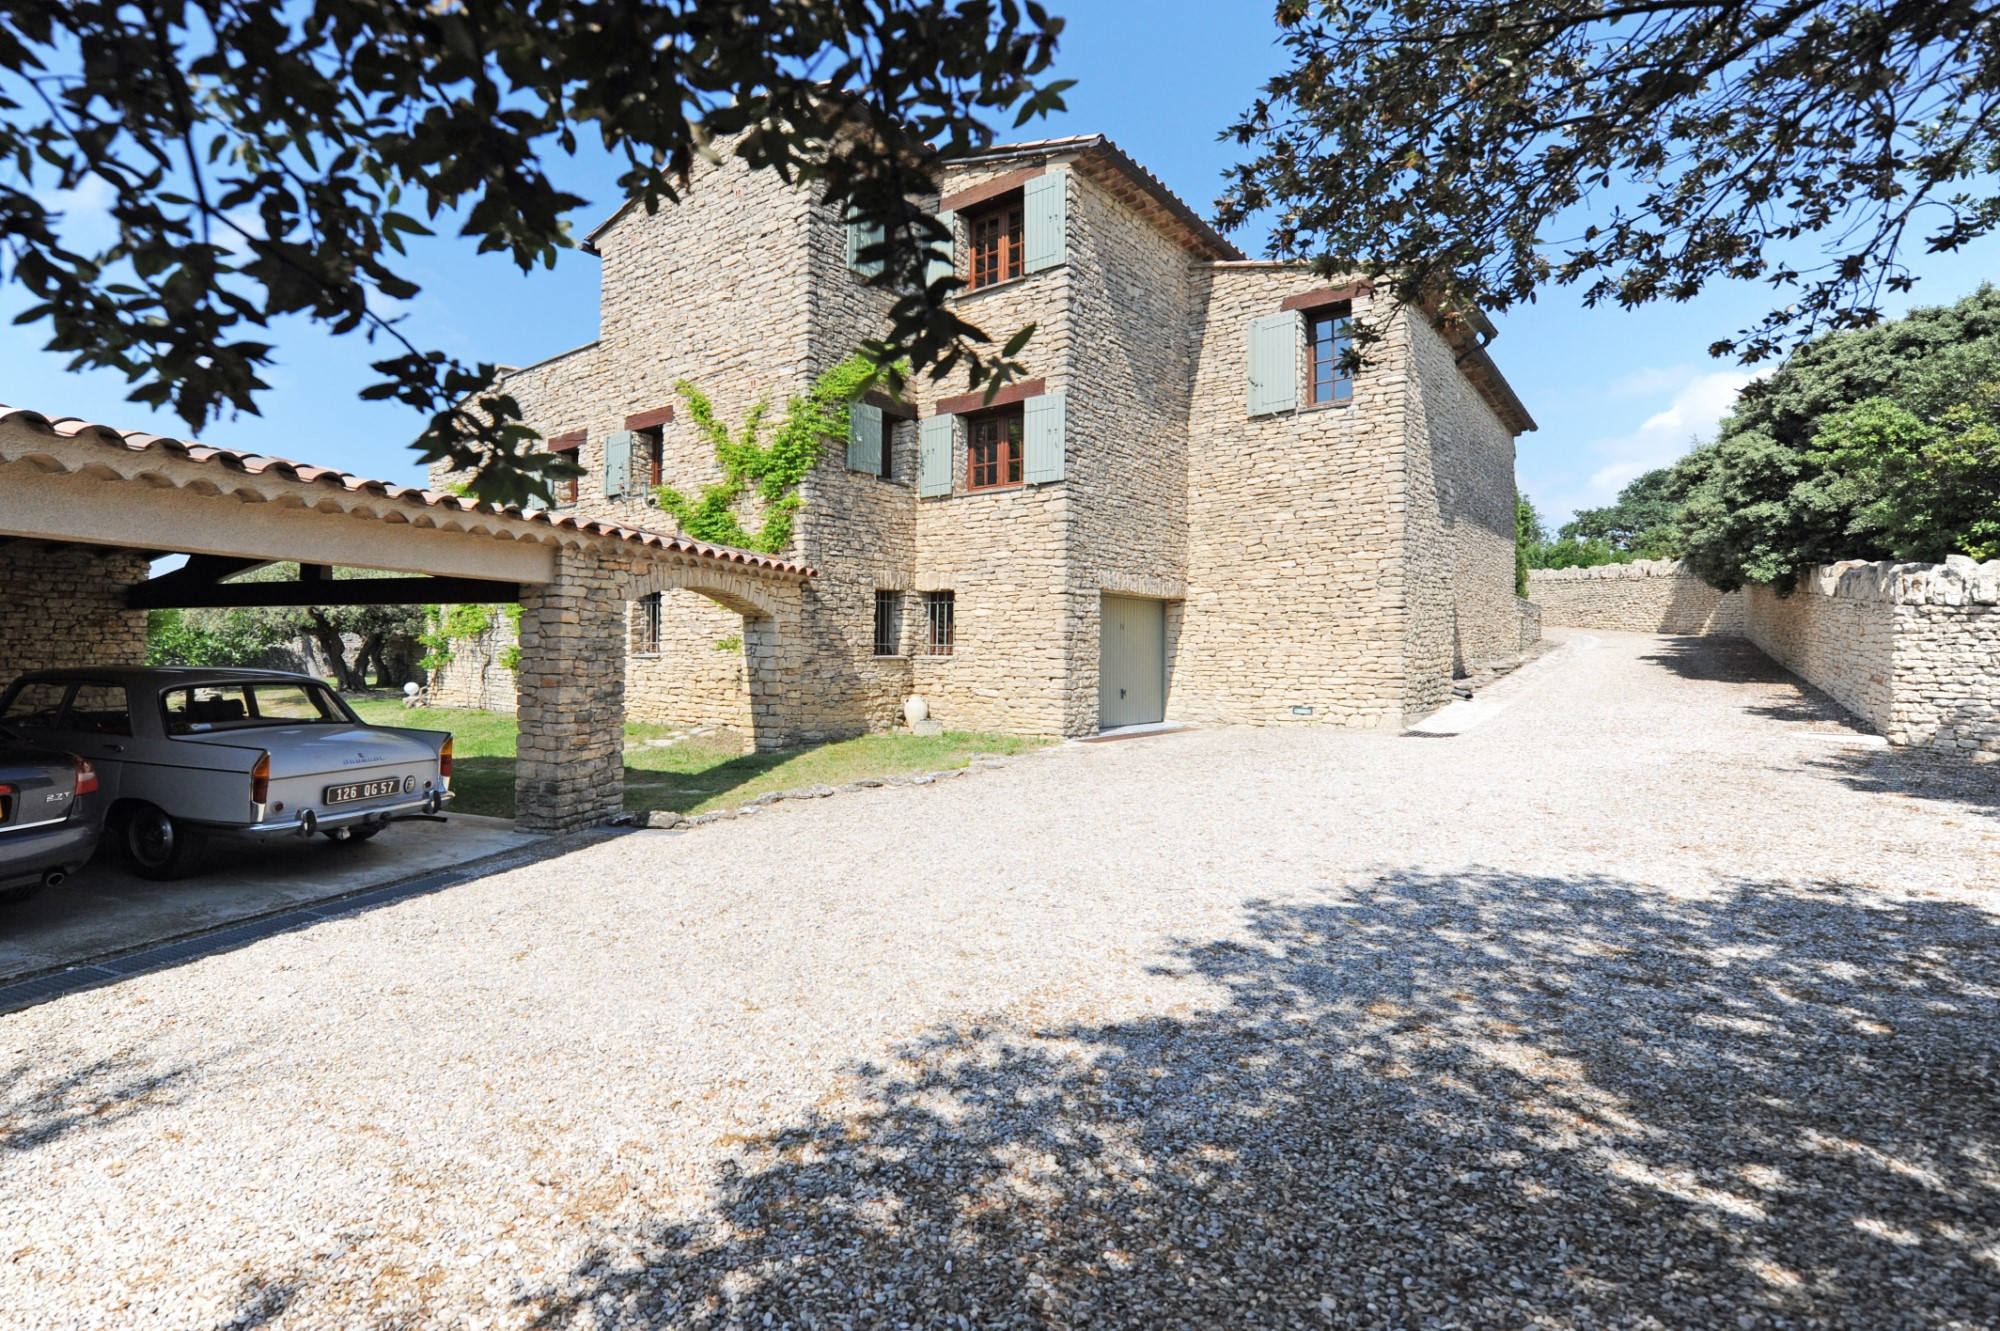 A vendre à Gordes, maison en pierres en position dominante à 2 pas du centre du village.